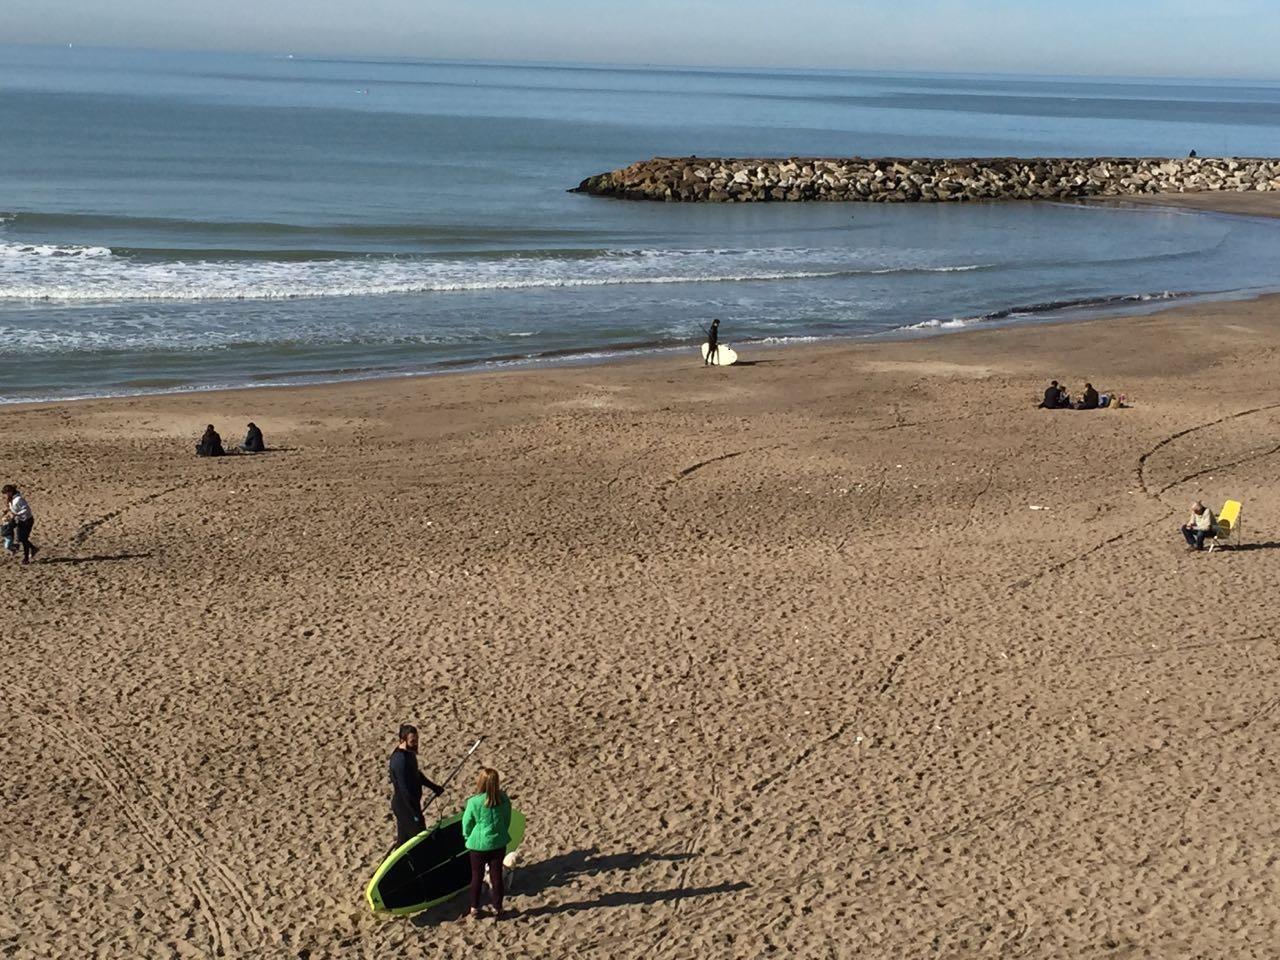 Cómo estará el clima el sábado en Mar del Plata